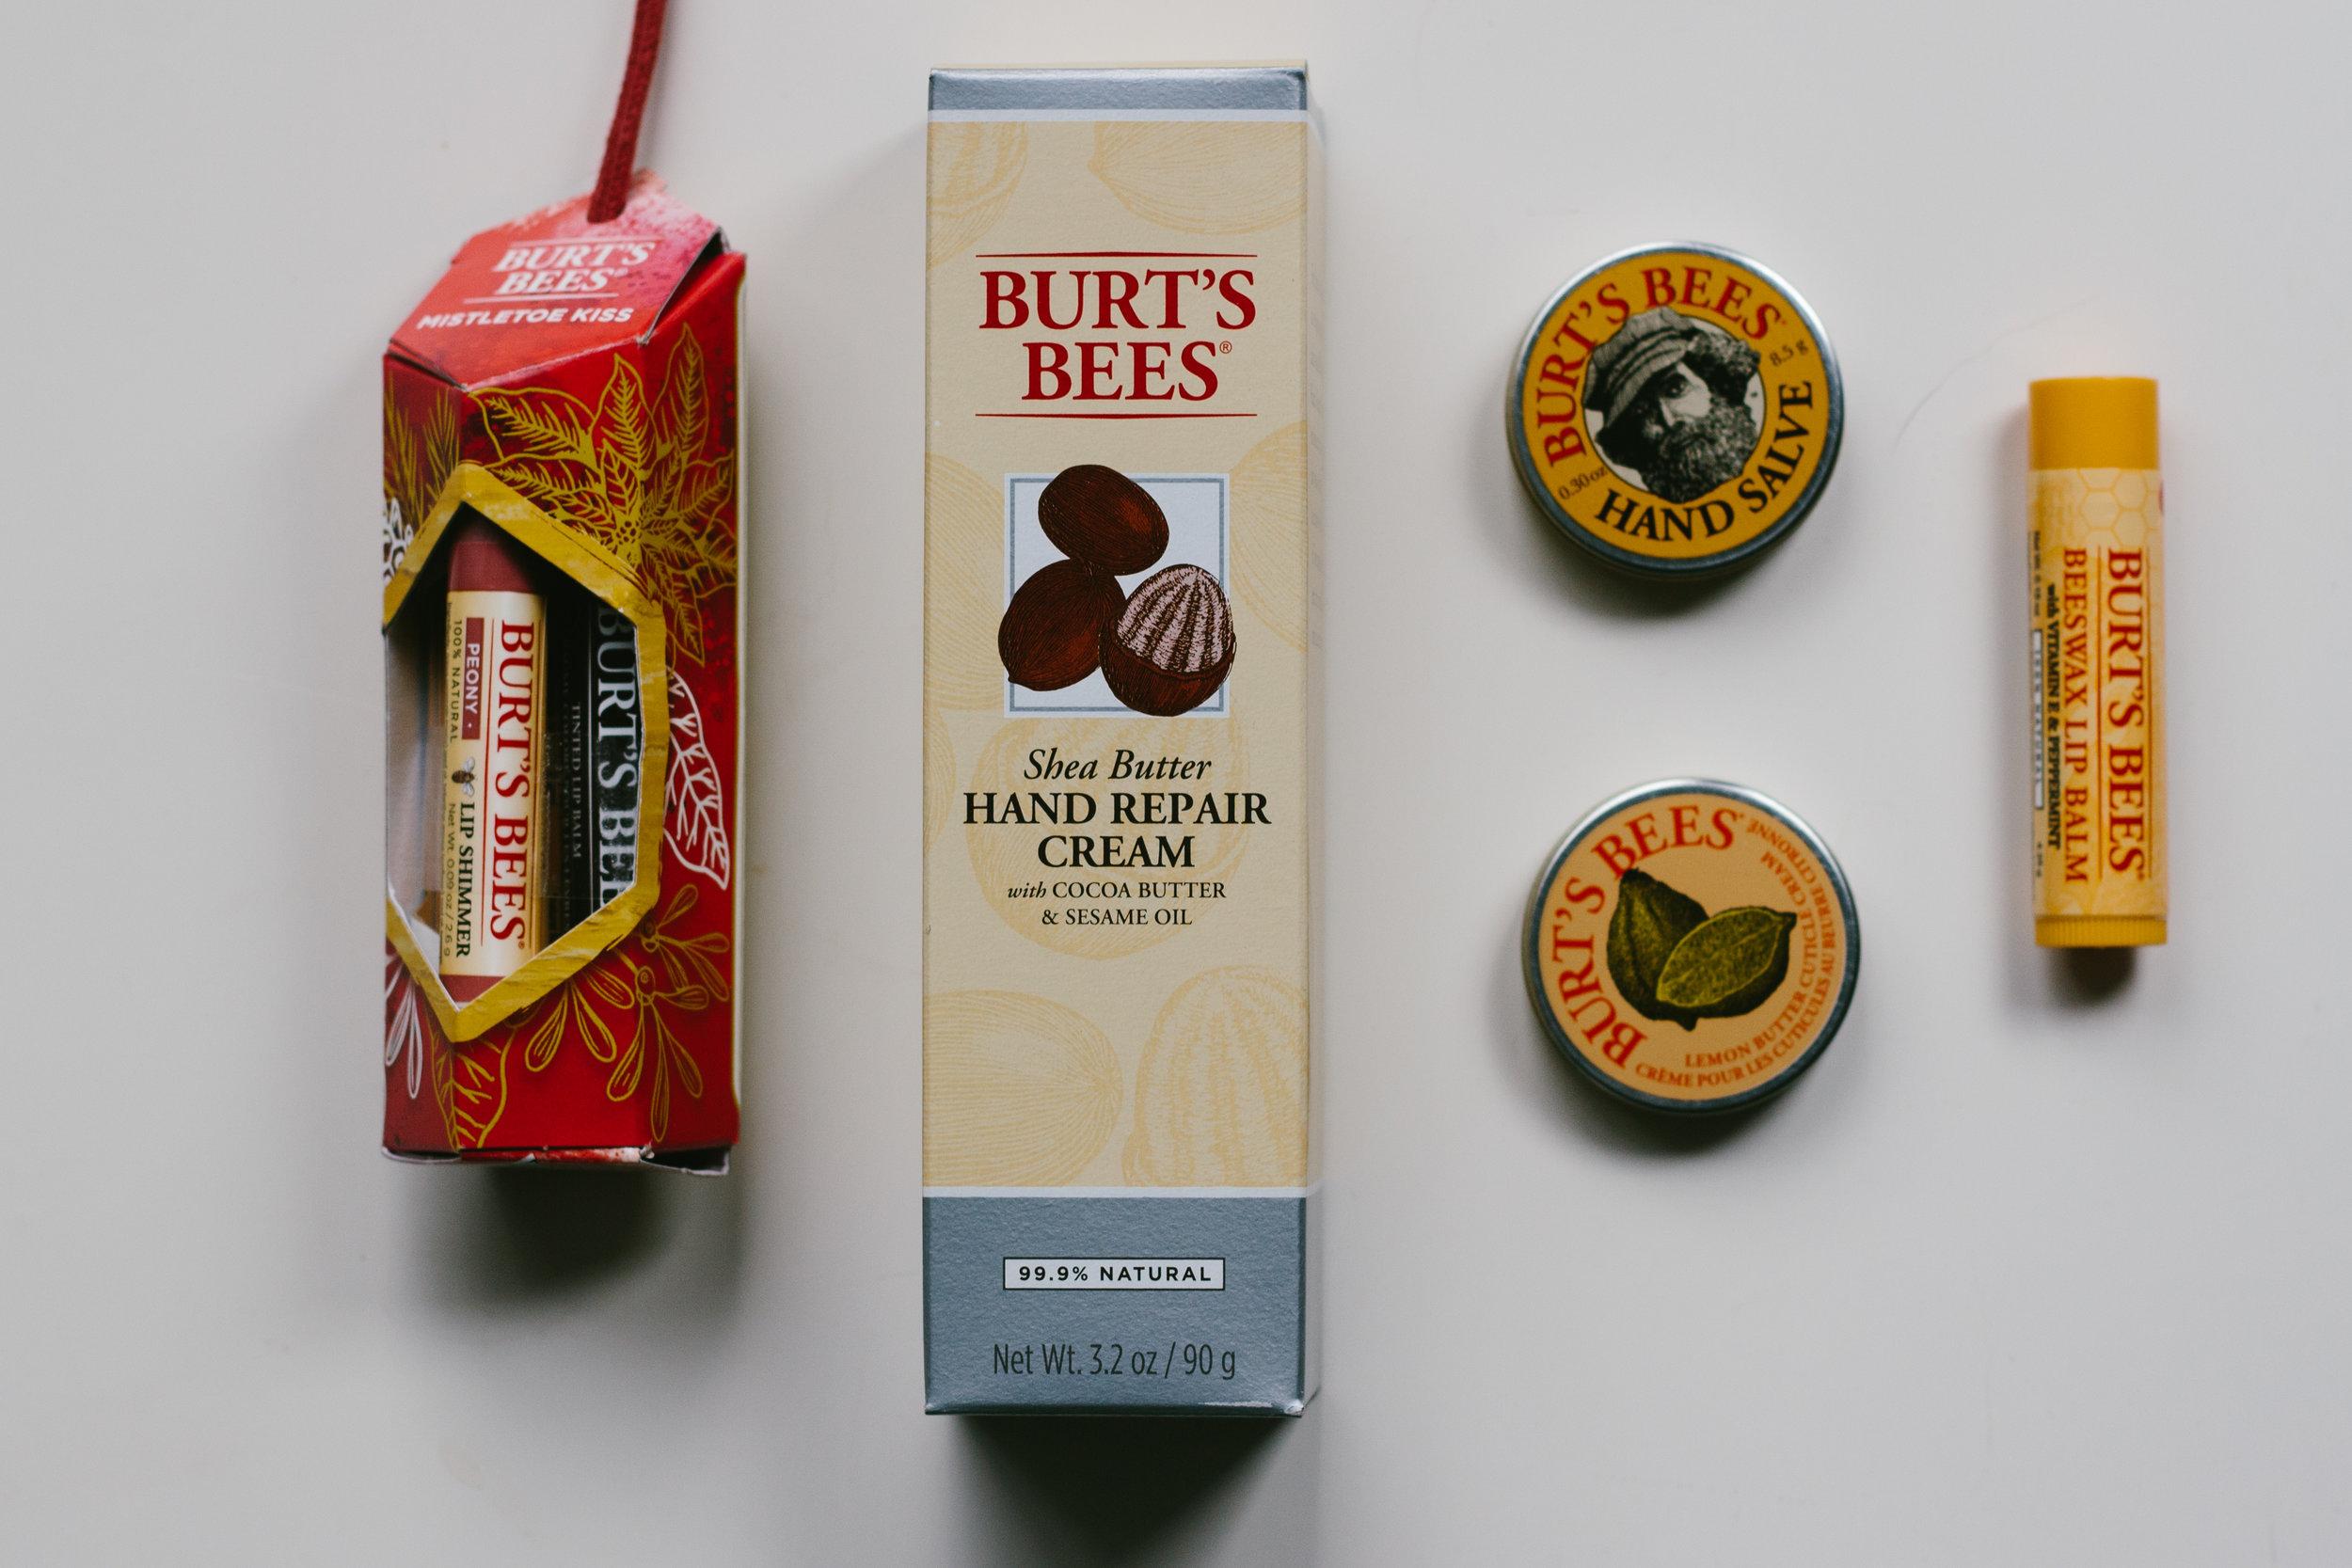 Burt's Bees - Mistletoe Kiss $9.99Naturally Soft Hands $19.99